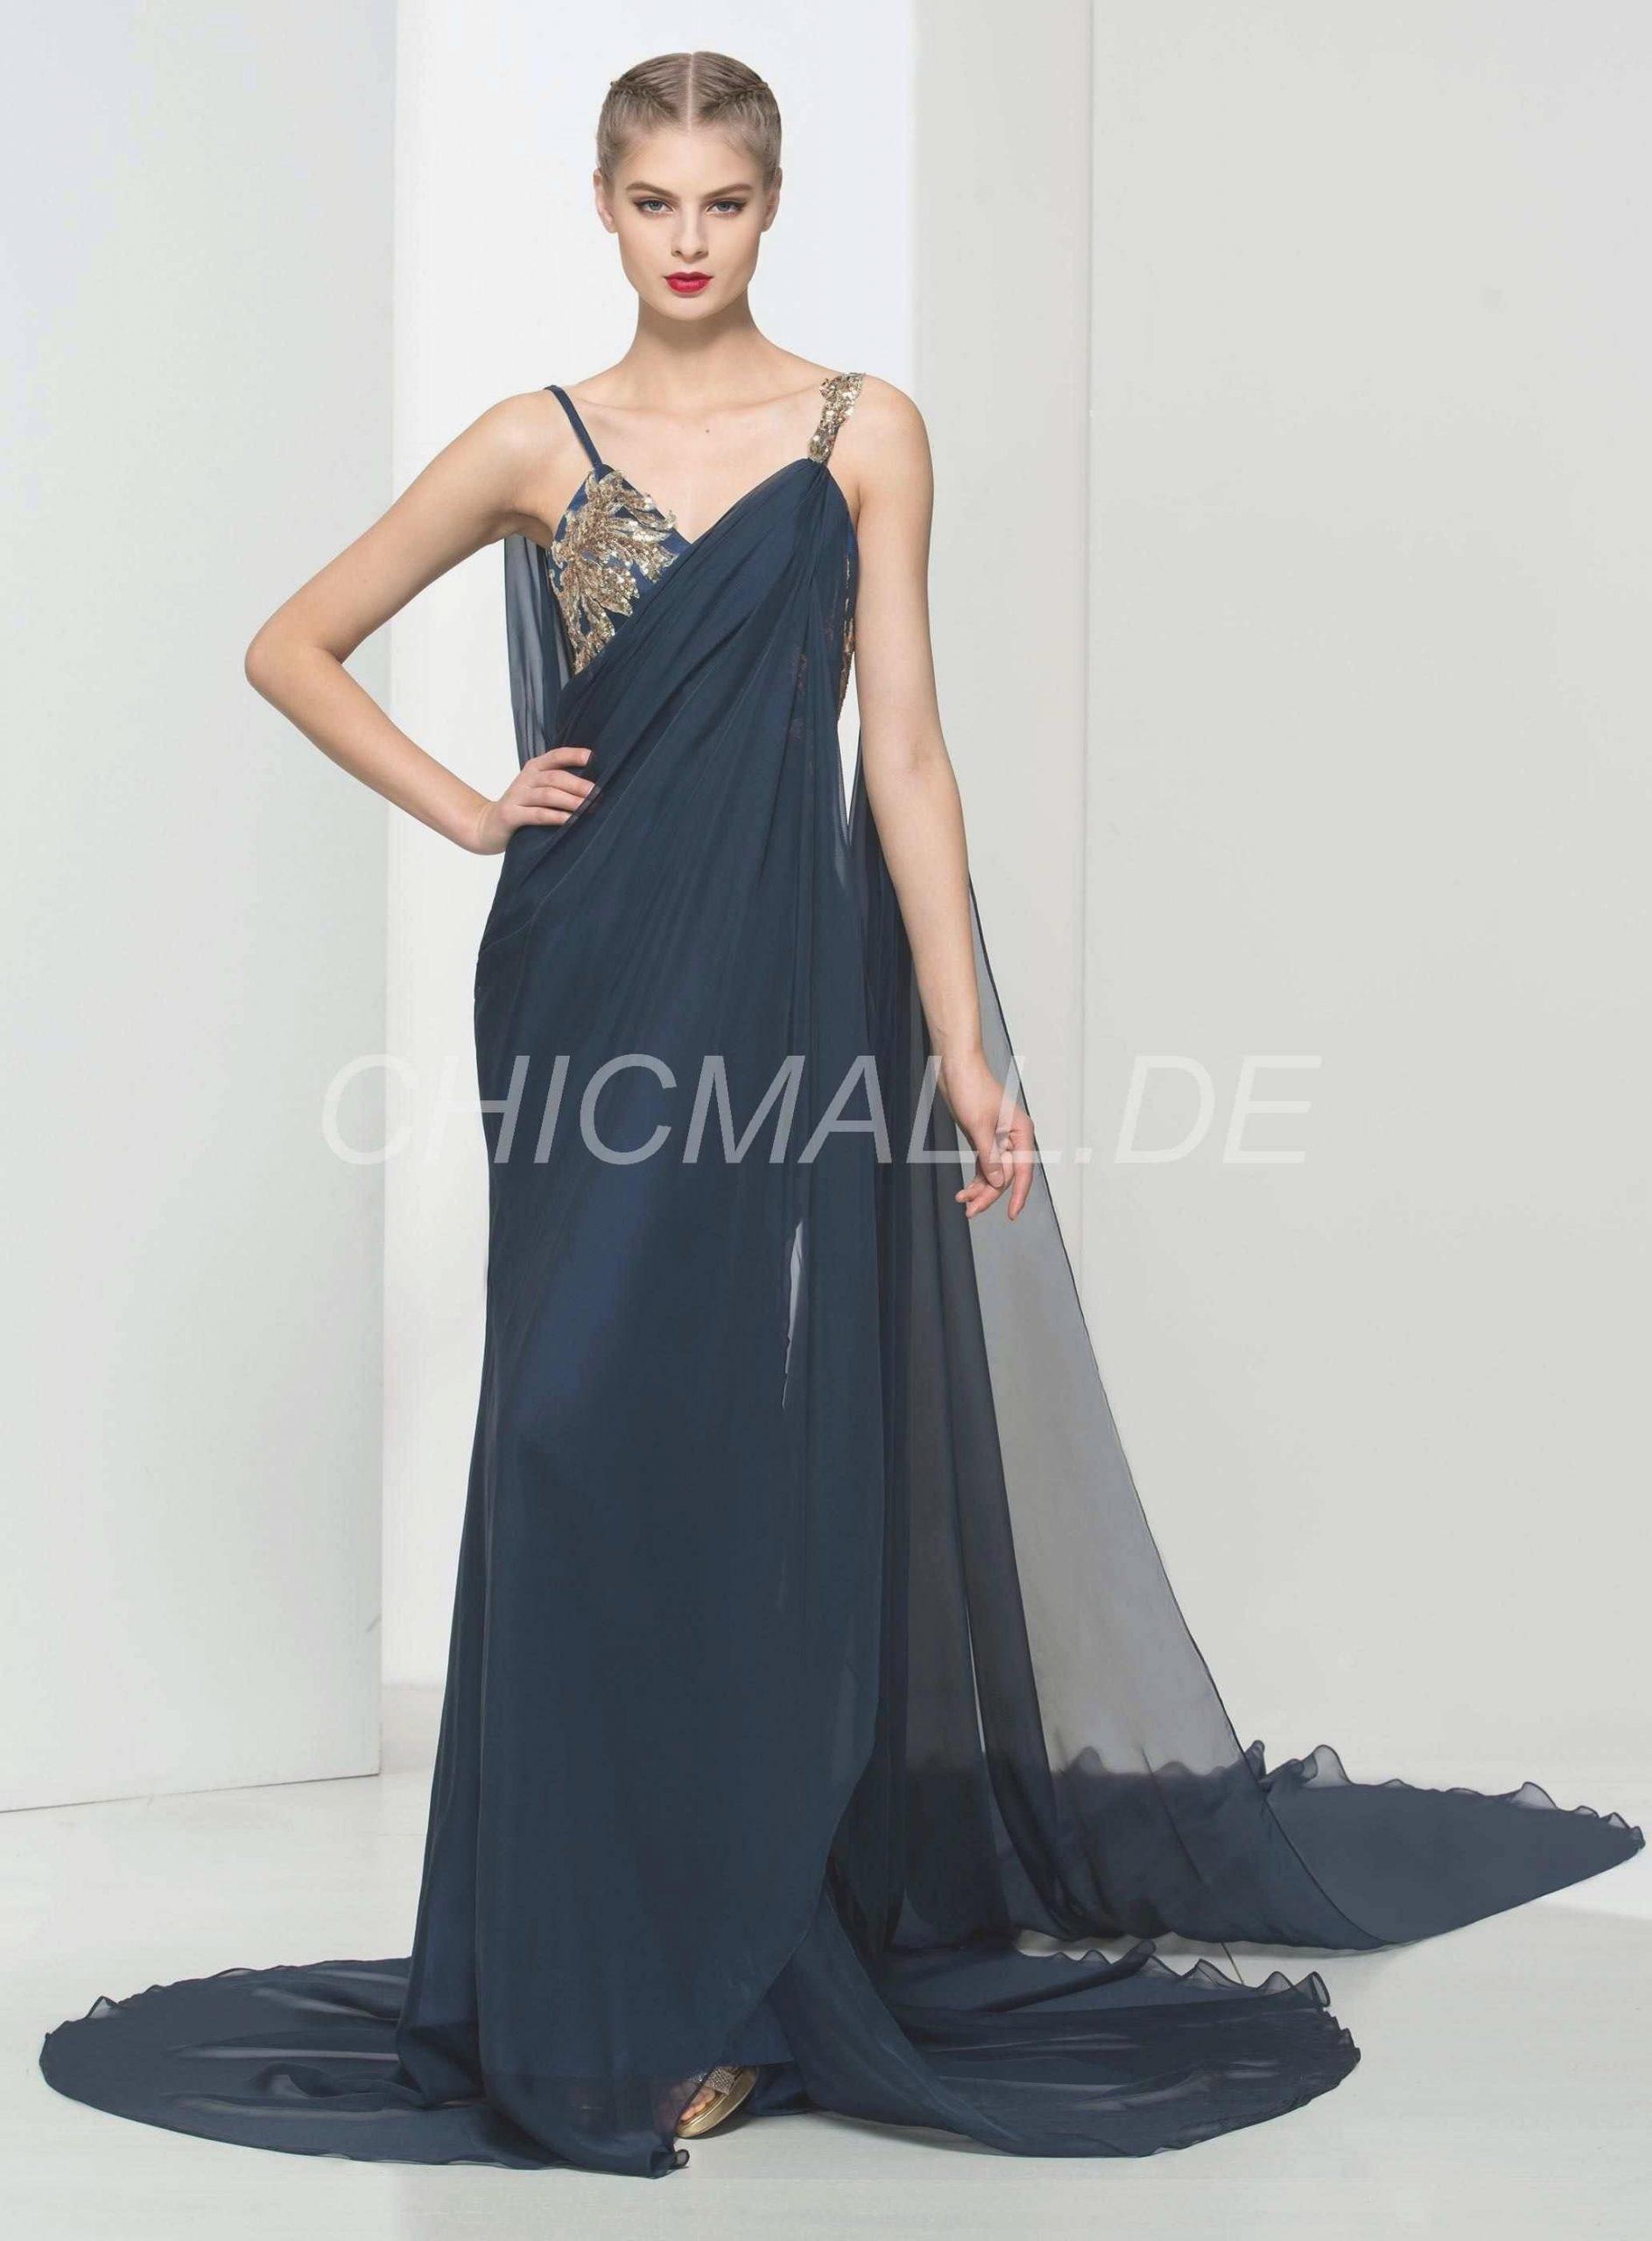 Abend Großartig Abendkleider Lang Und Eng Stylish15 Top Abendkleider Lang Und Eng Boutique